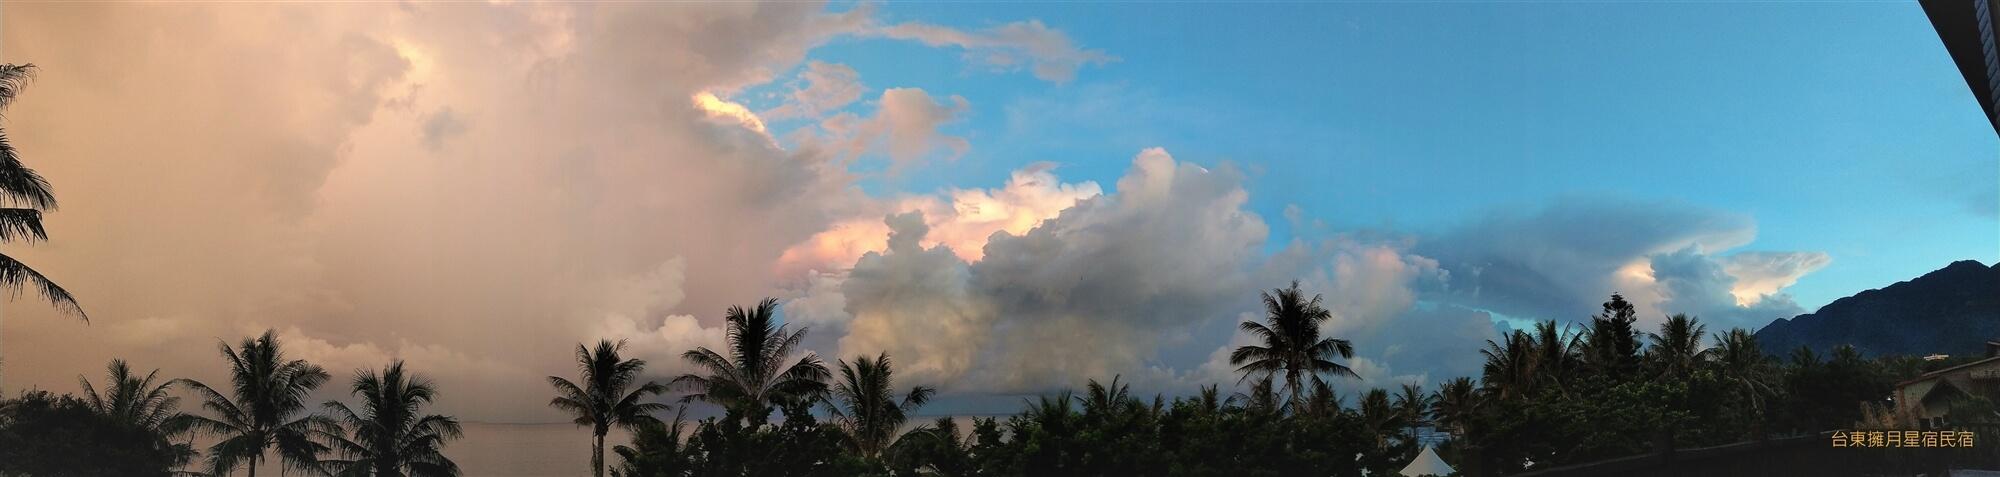 風雨欲來的天色變化 相片來源:台東民宿•擁月星宿(原福樟紅檜木屋)